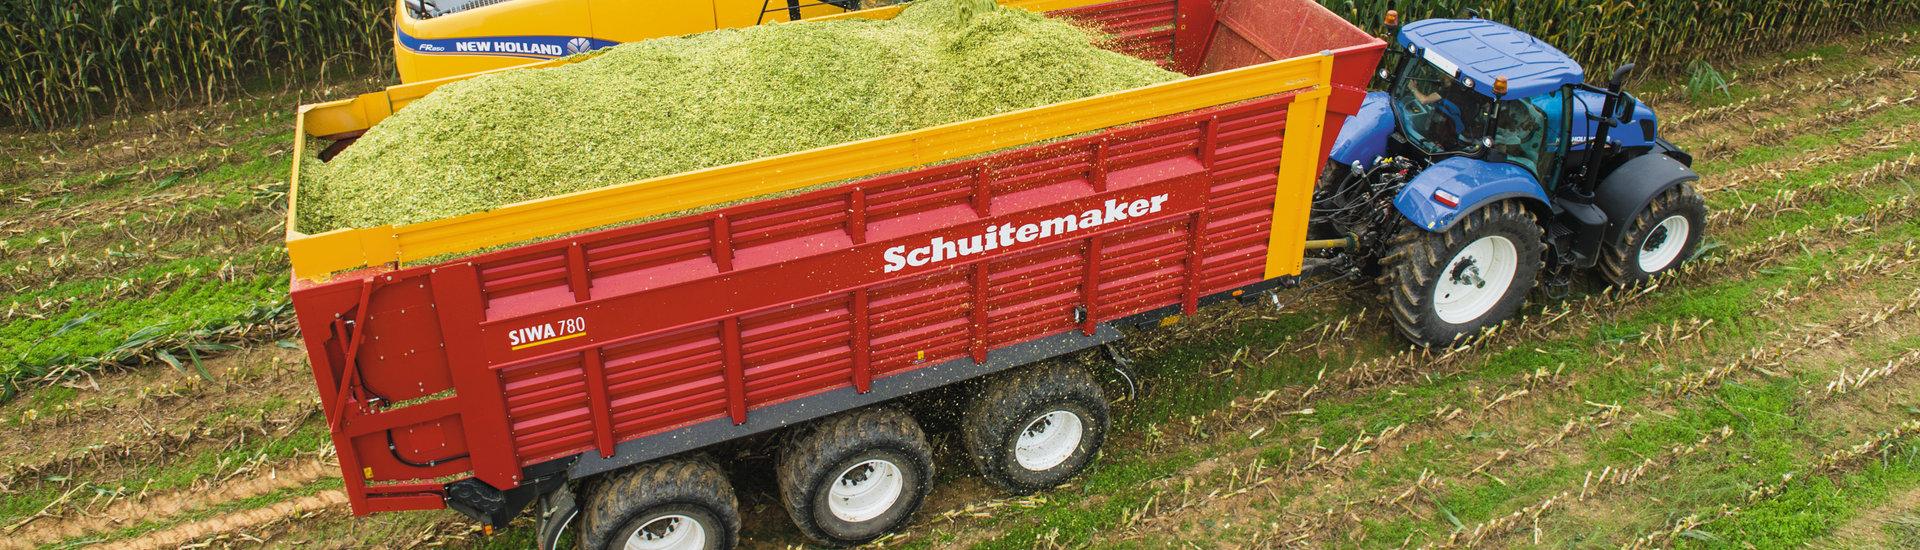 Schuitemaker Maiswagen